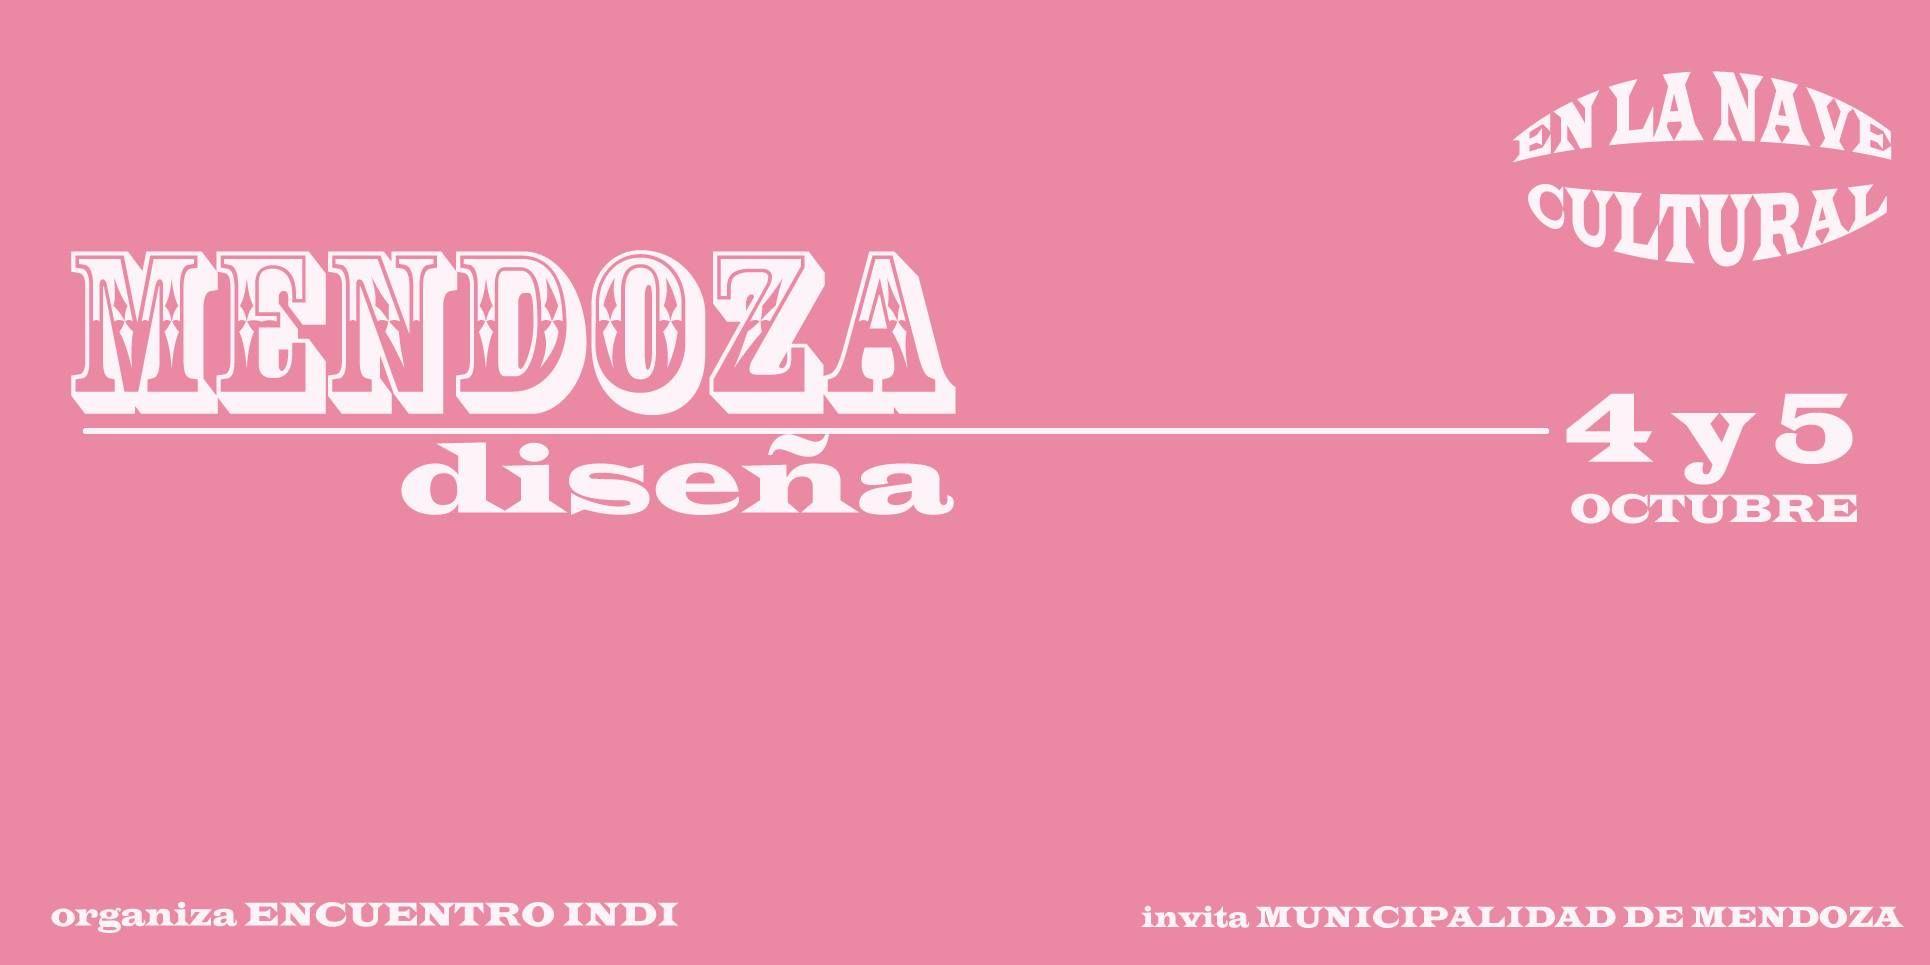 Mendoza diseña @ Nave cultural - 04-Octubre https://www.evensi.com/mendoza-disena-nave-cultural/132016091